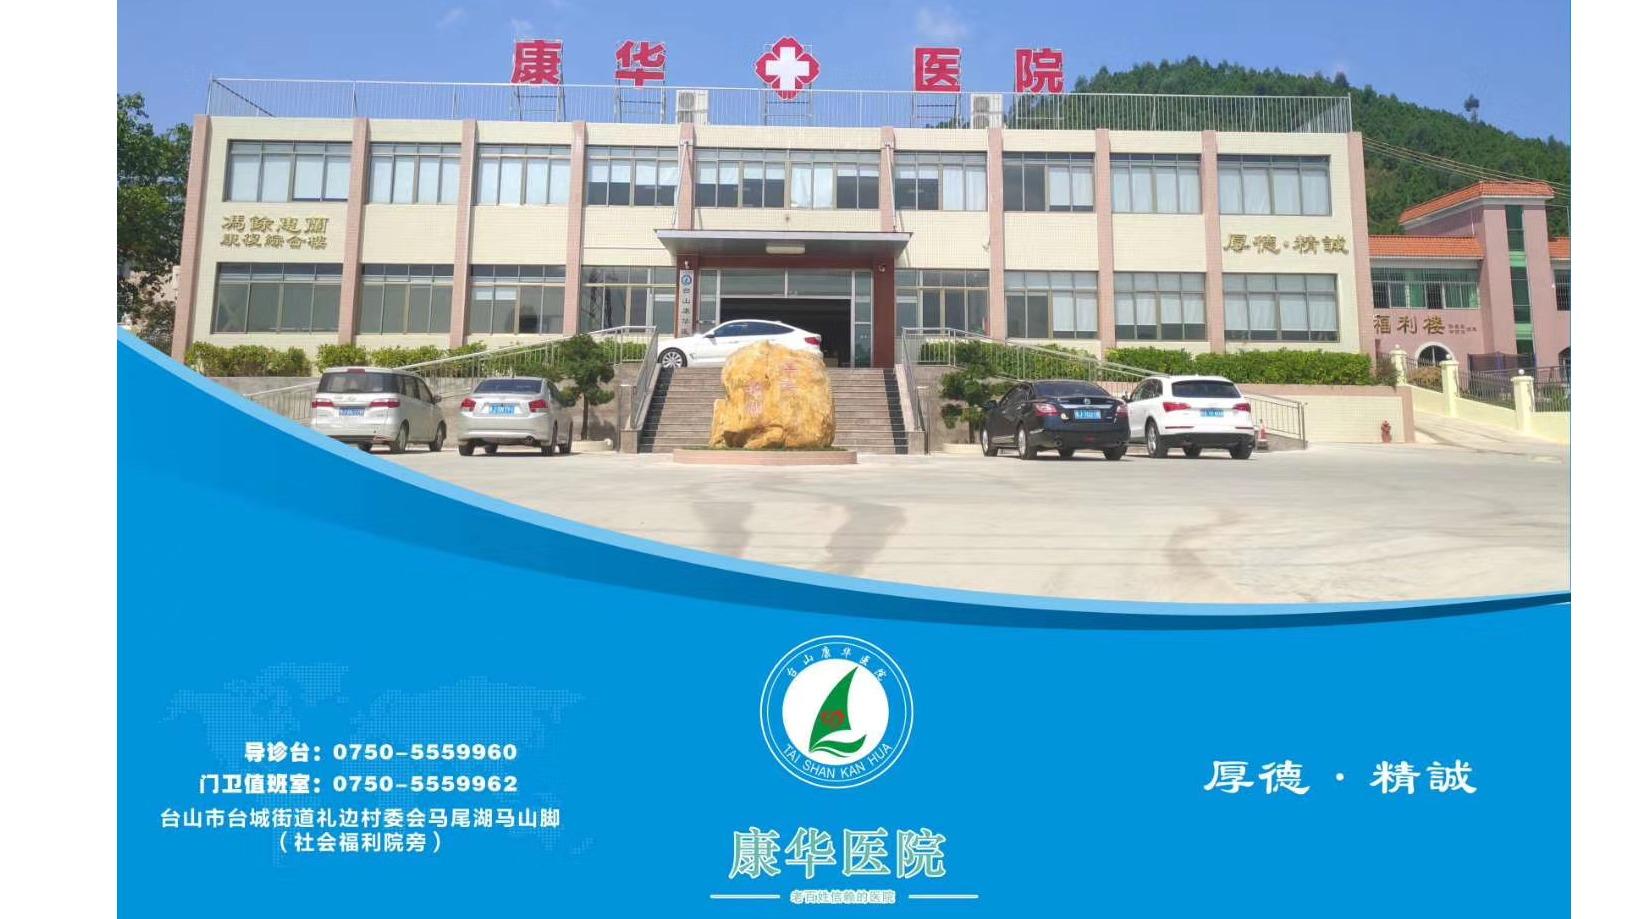 台山康华医院